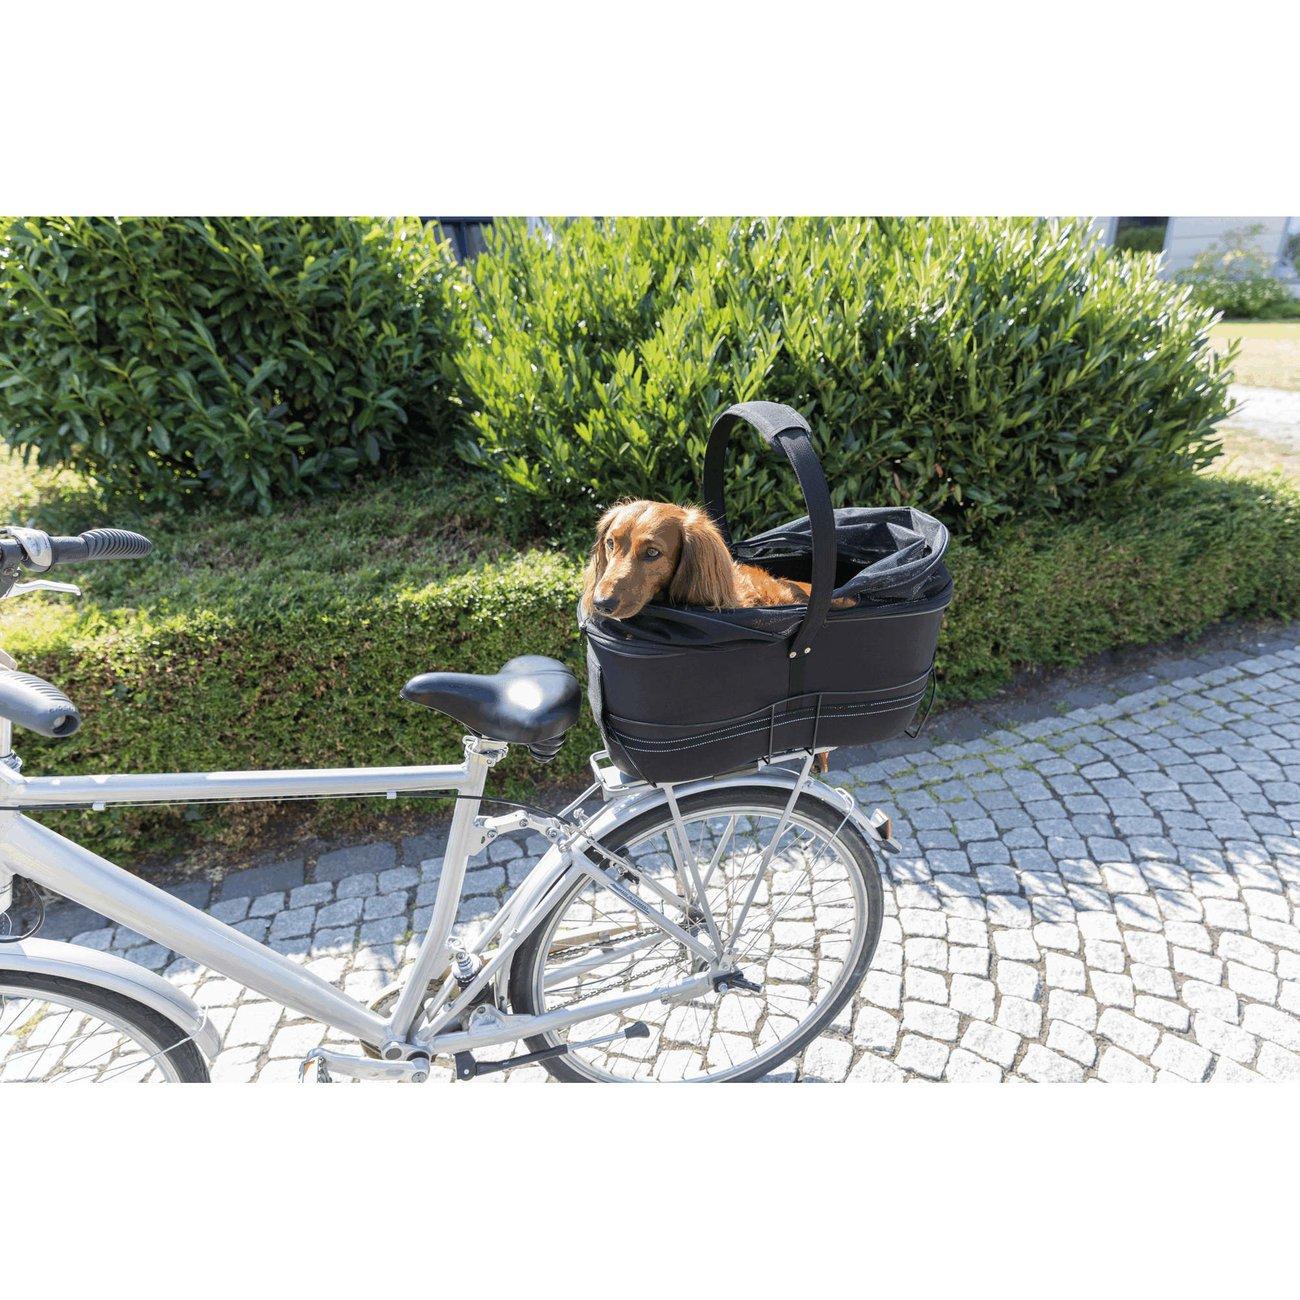 TRIXIE Hunde Fahrradkorb Long für breite Gepäckträger 13110, Bild 27